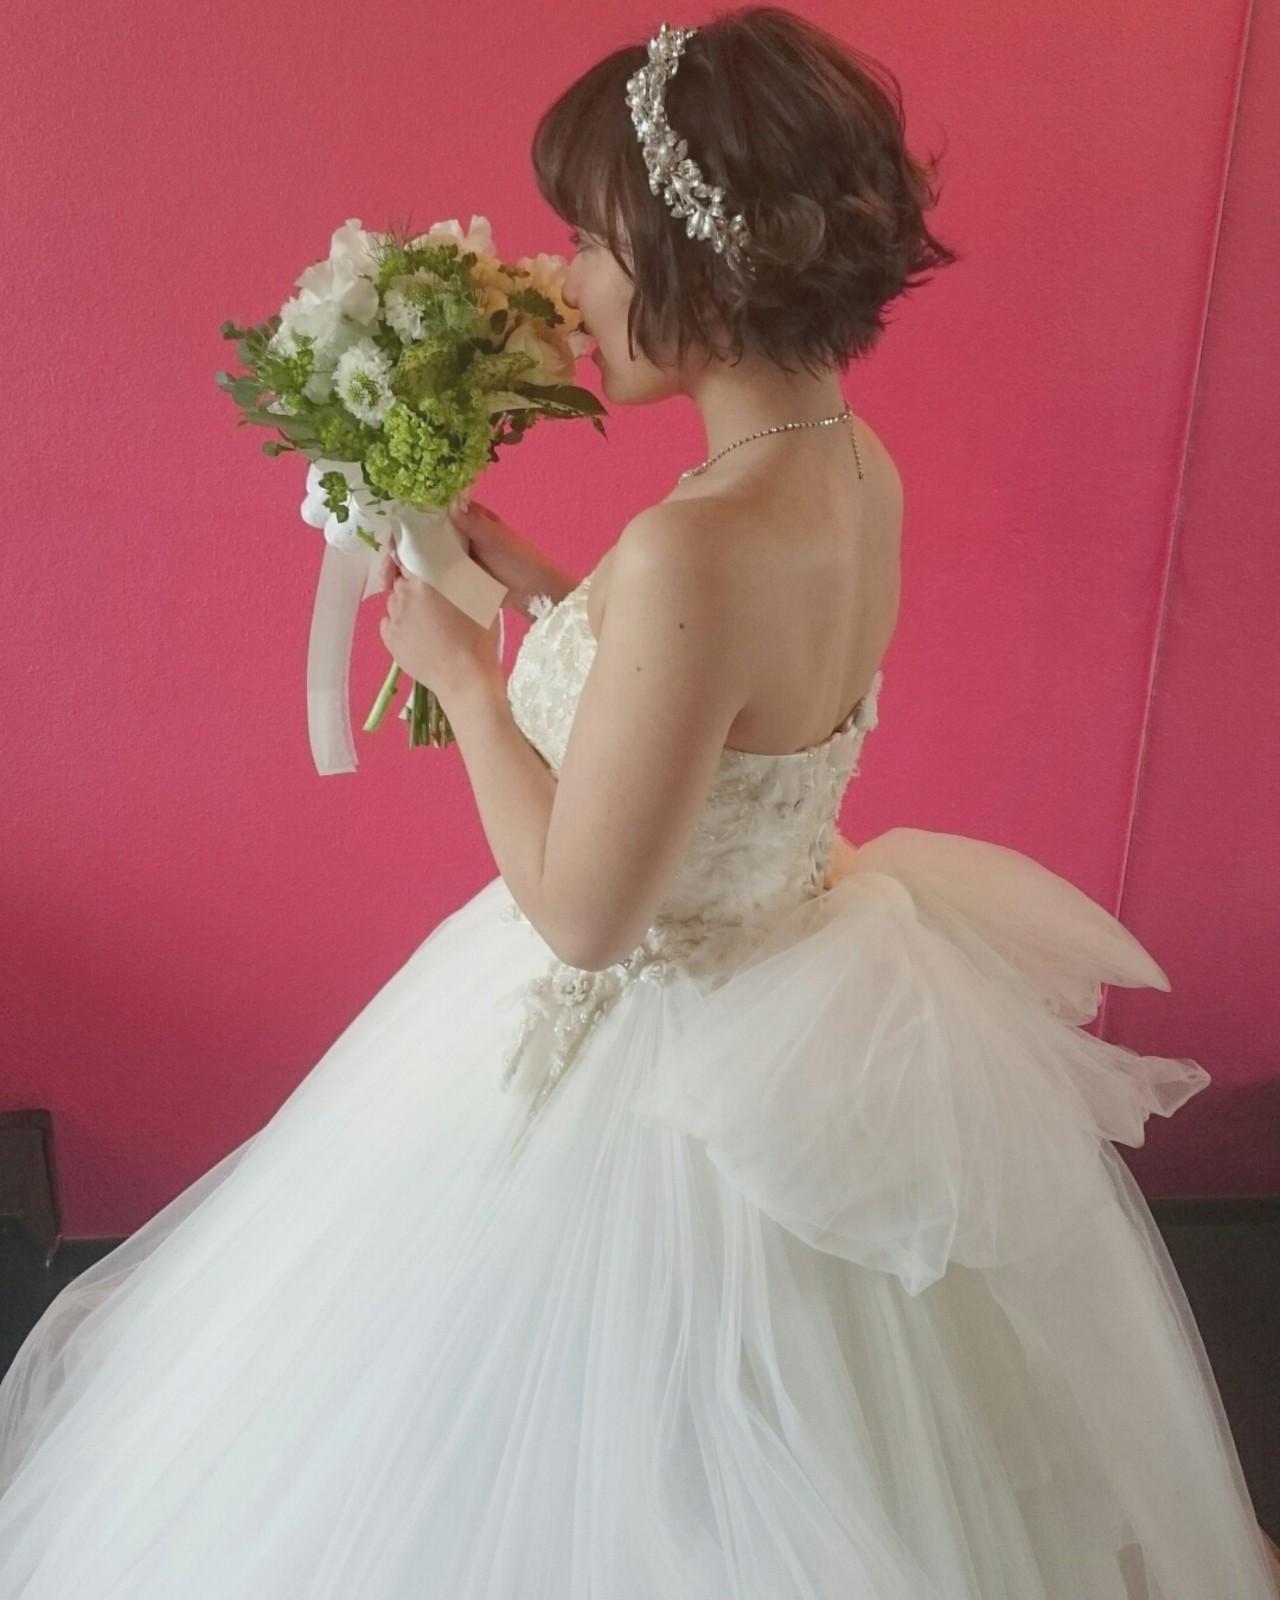 ショートヘア ウェディングドレスが似合う花嫁髪型アレンジまとめ